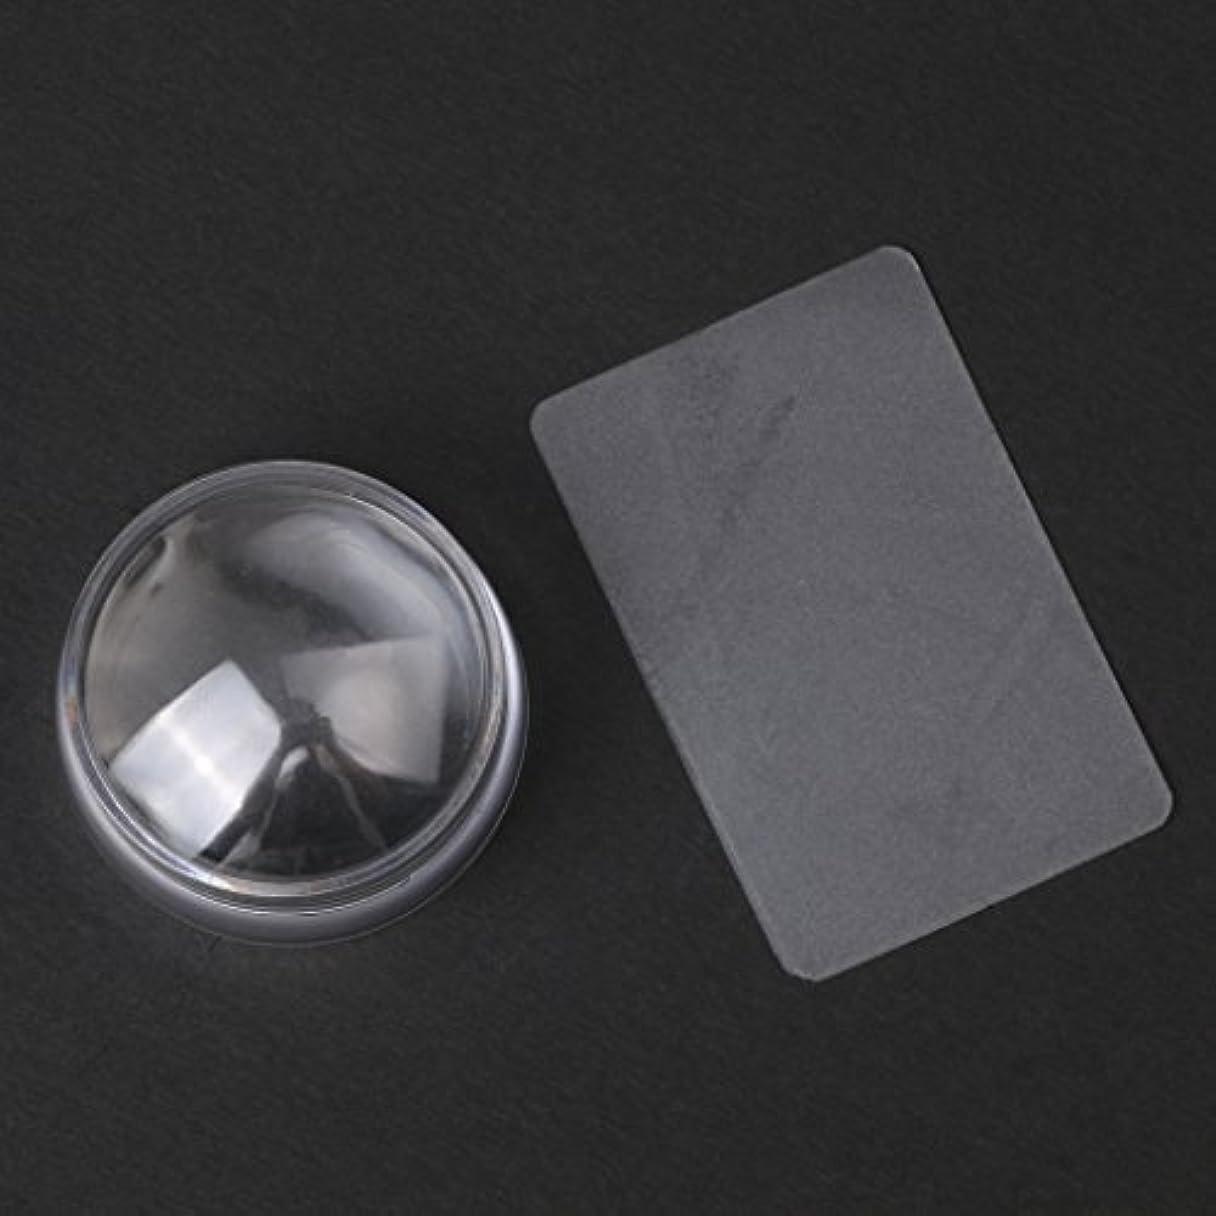 不条理講堂忠実にCUTICATE 2个ネイルアートスタンプスタンパ掻きスクレーパーツールは透明に設定します